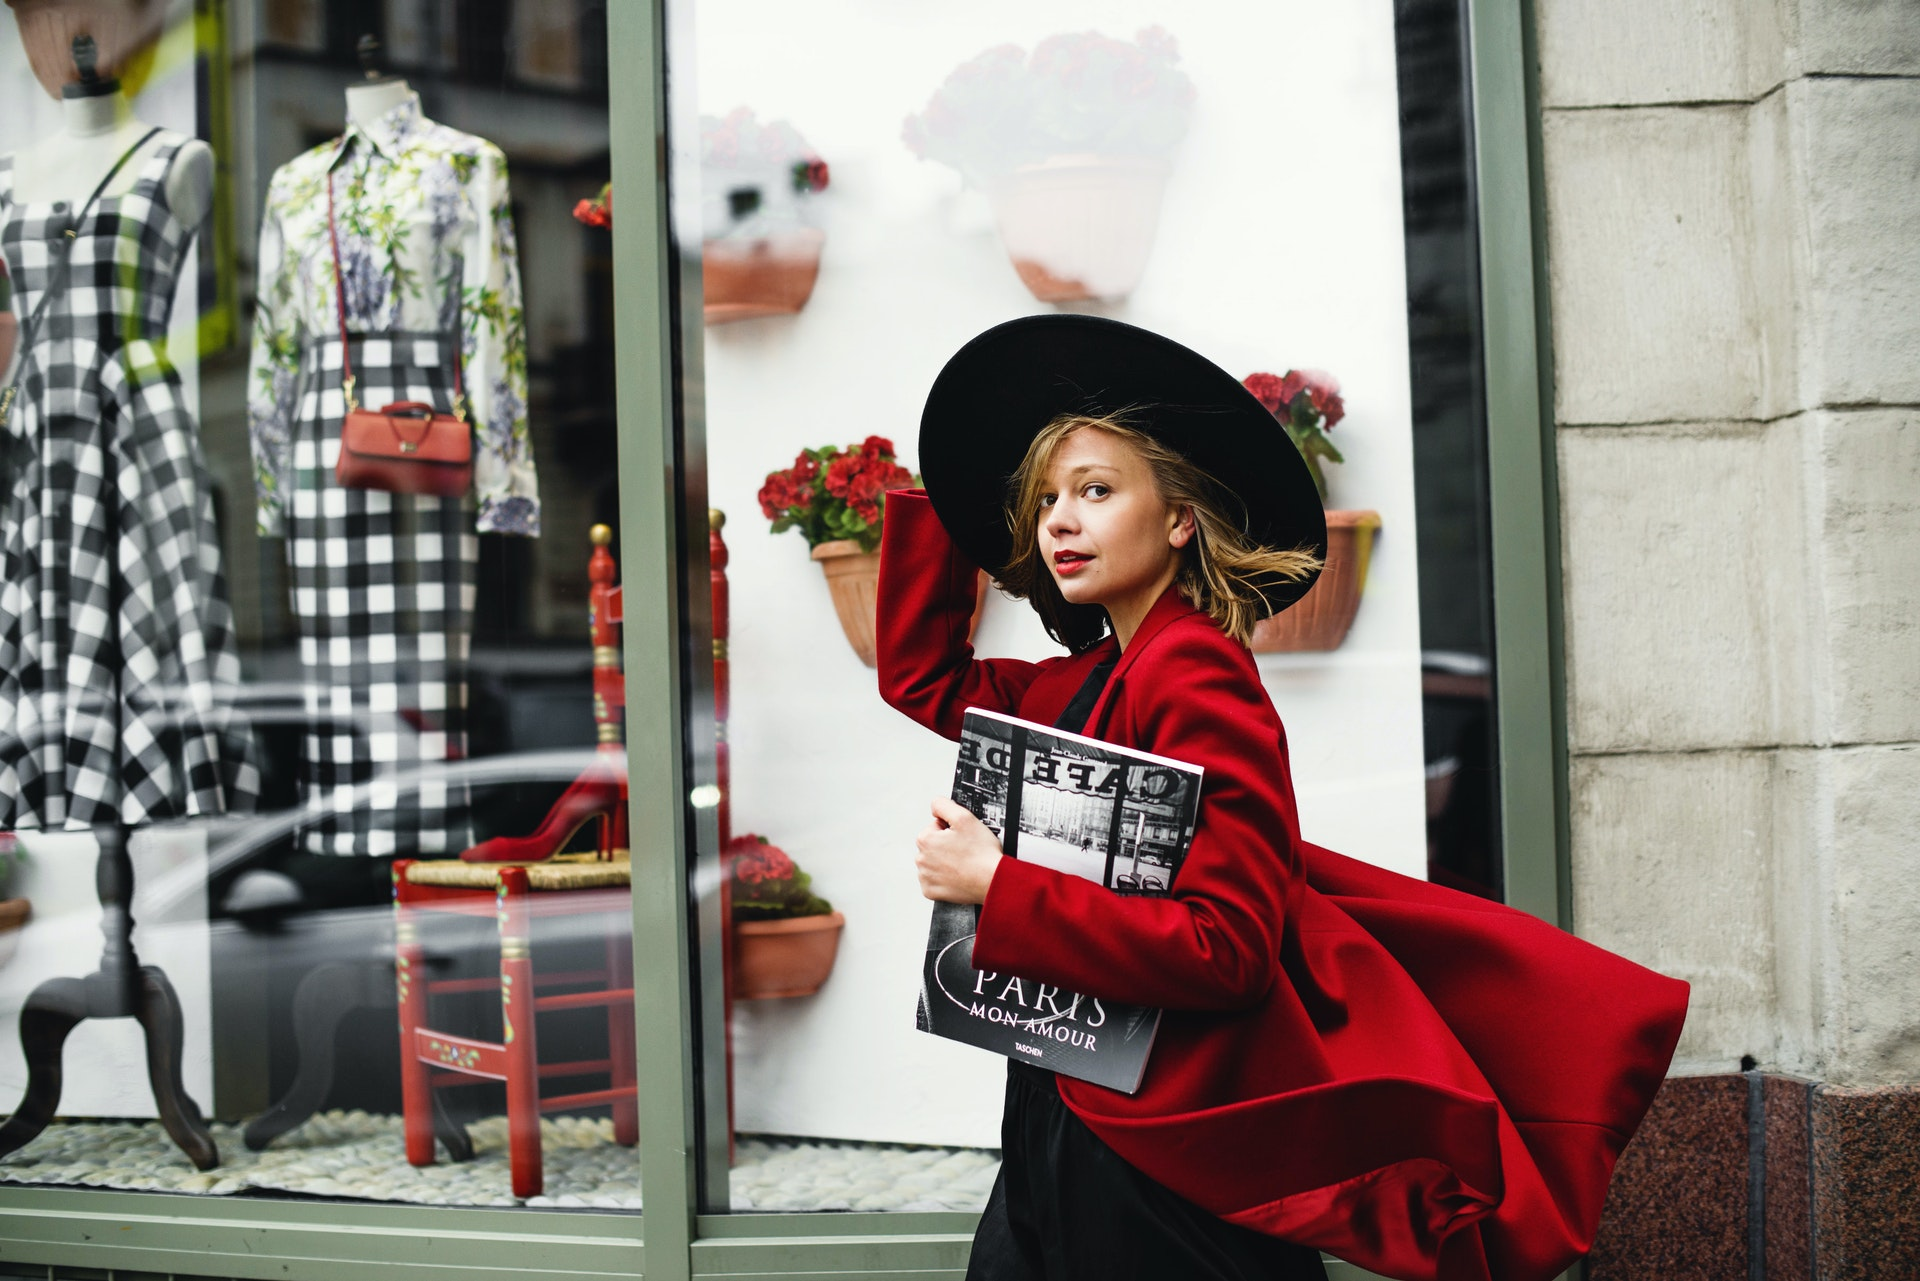 Curso Personal Shopper y Marcas de Moda - Mercatrend Fashion School